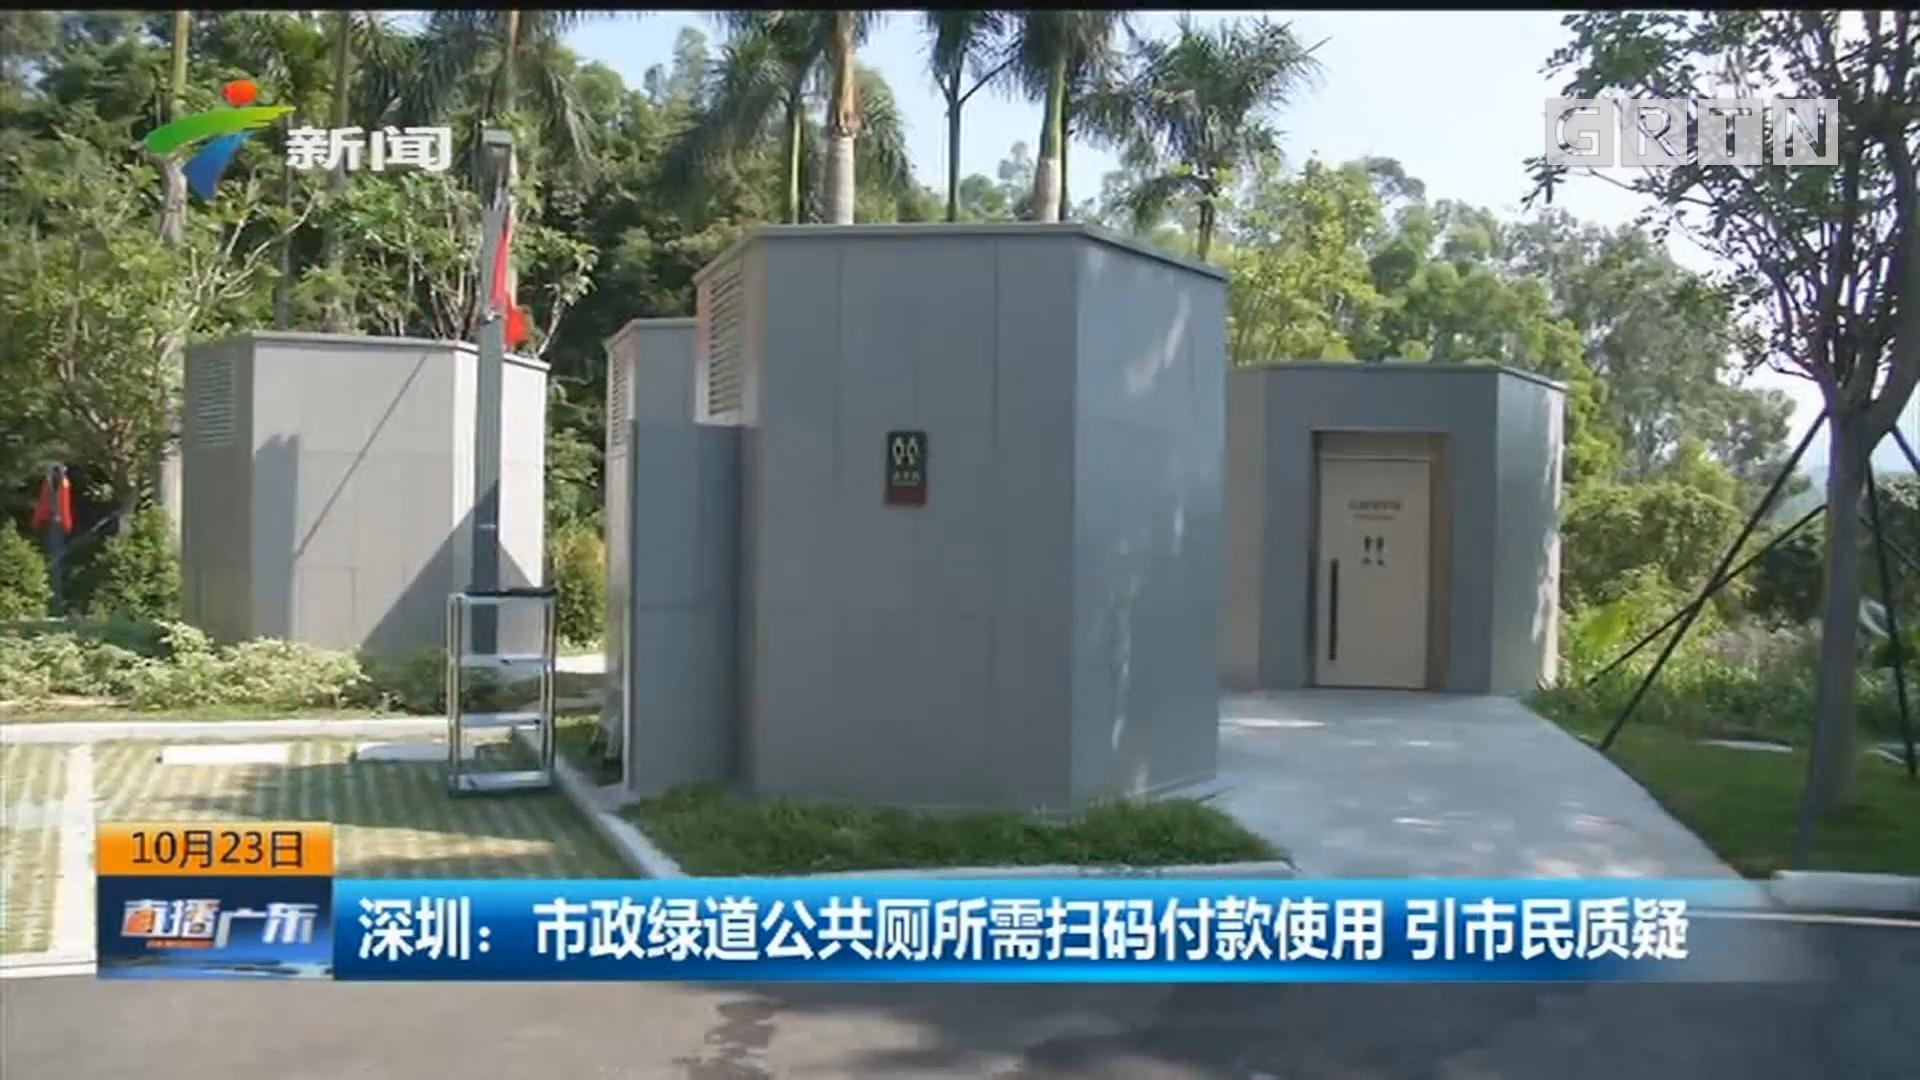 深圳:市政绿道公共厕所需扫码付款使用 引市民质疑